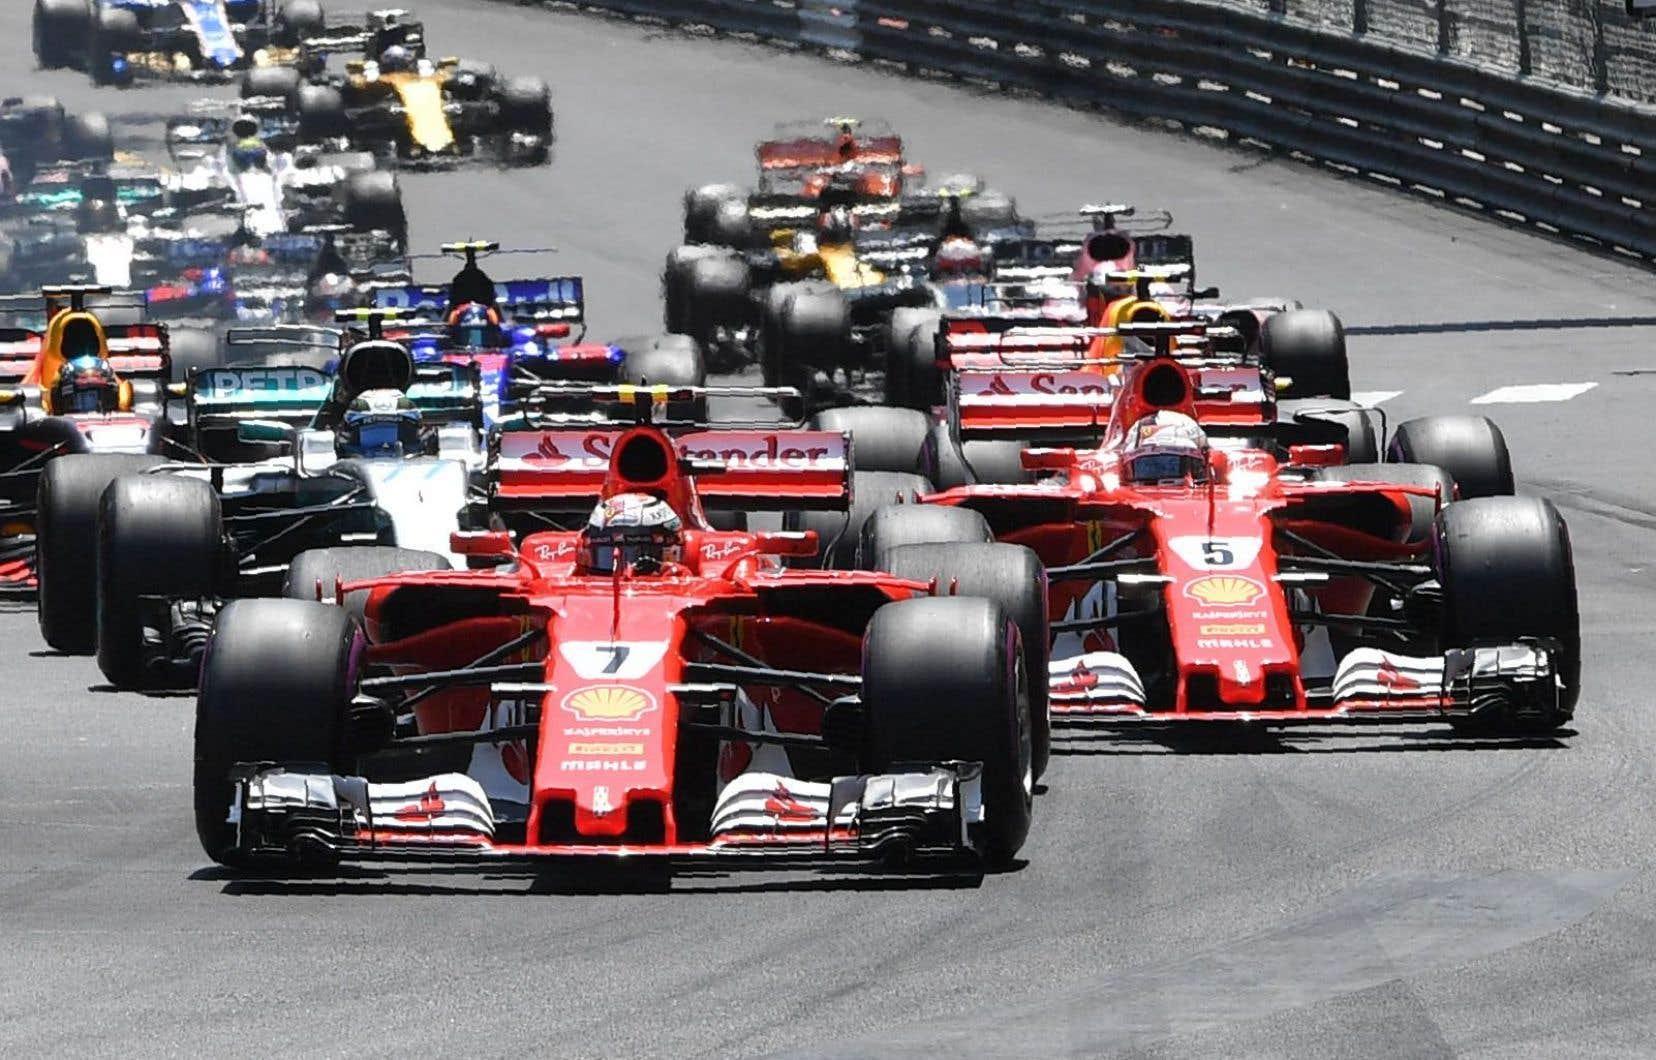 L'écurie Ferrari domine actuellement le classement du championnat des constructeurs.